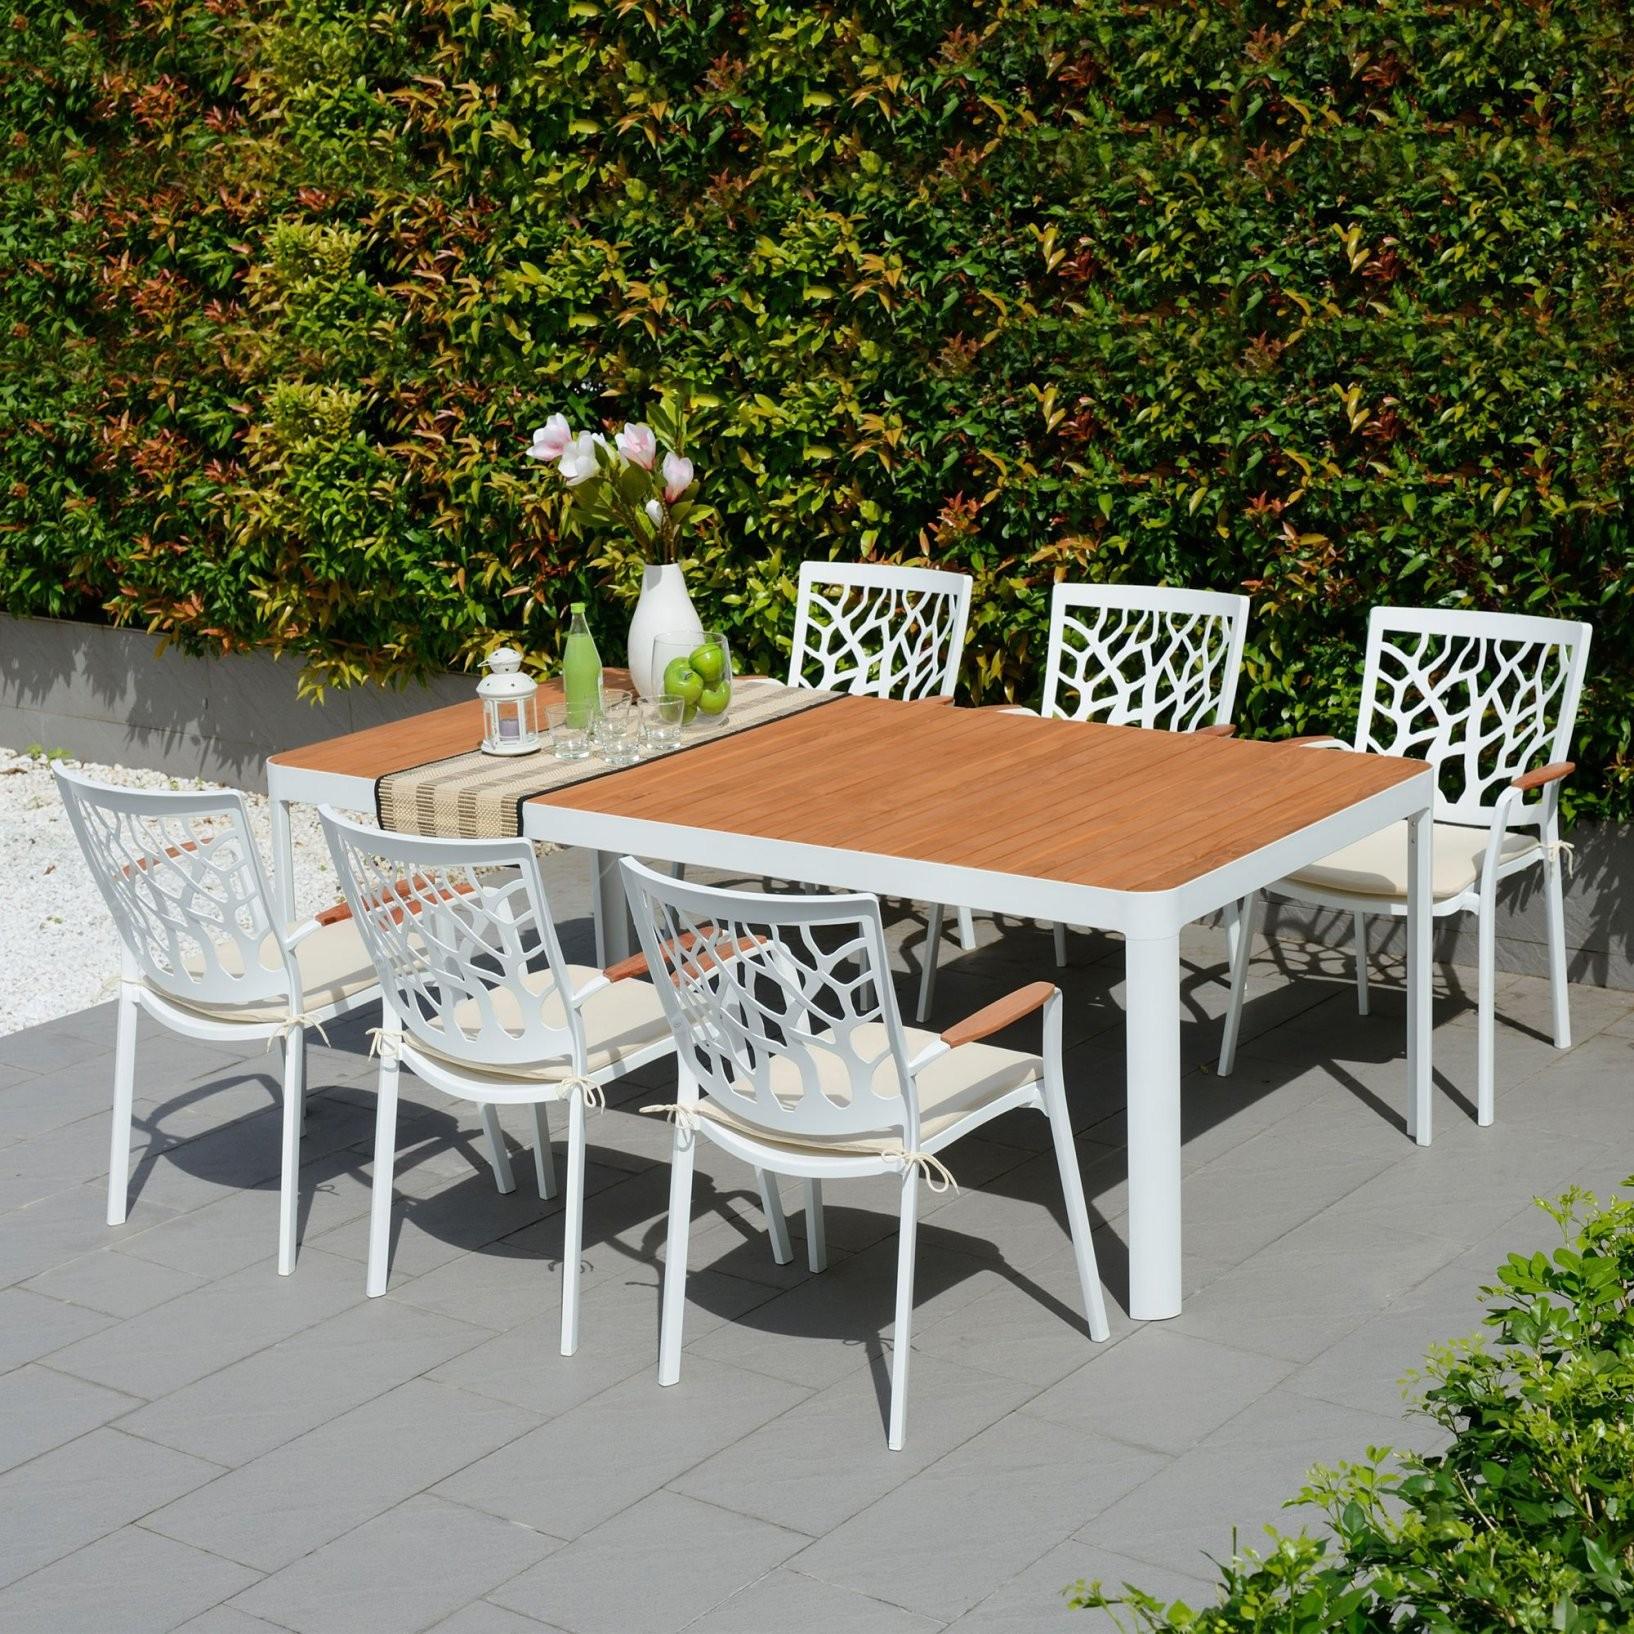 Salon De Jardin Pas Cher Auchan Unique Images Meilleur Auchan Table De Jardin Nuevas Ideas Salon De Jardin